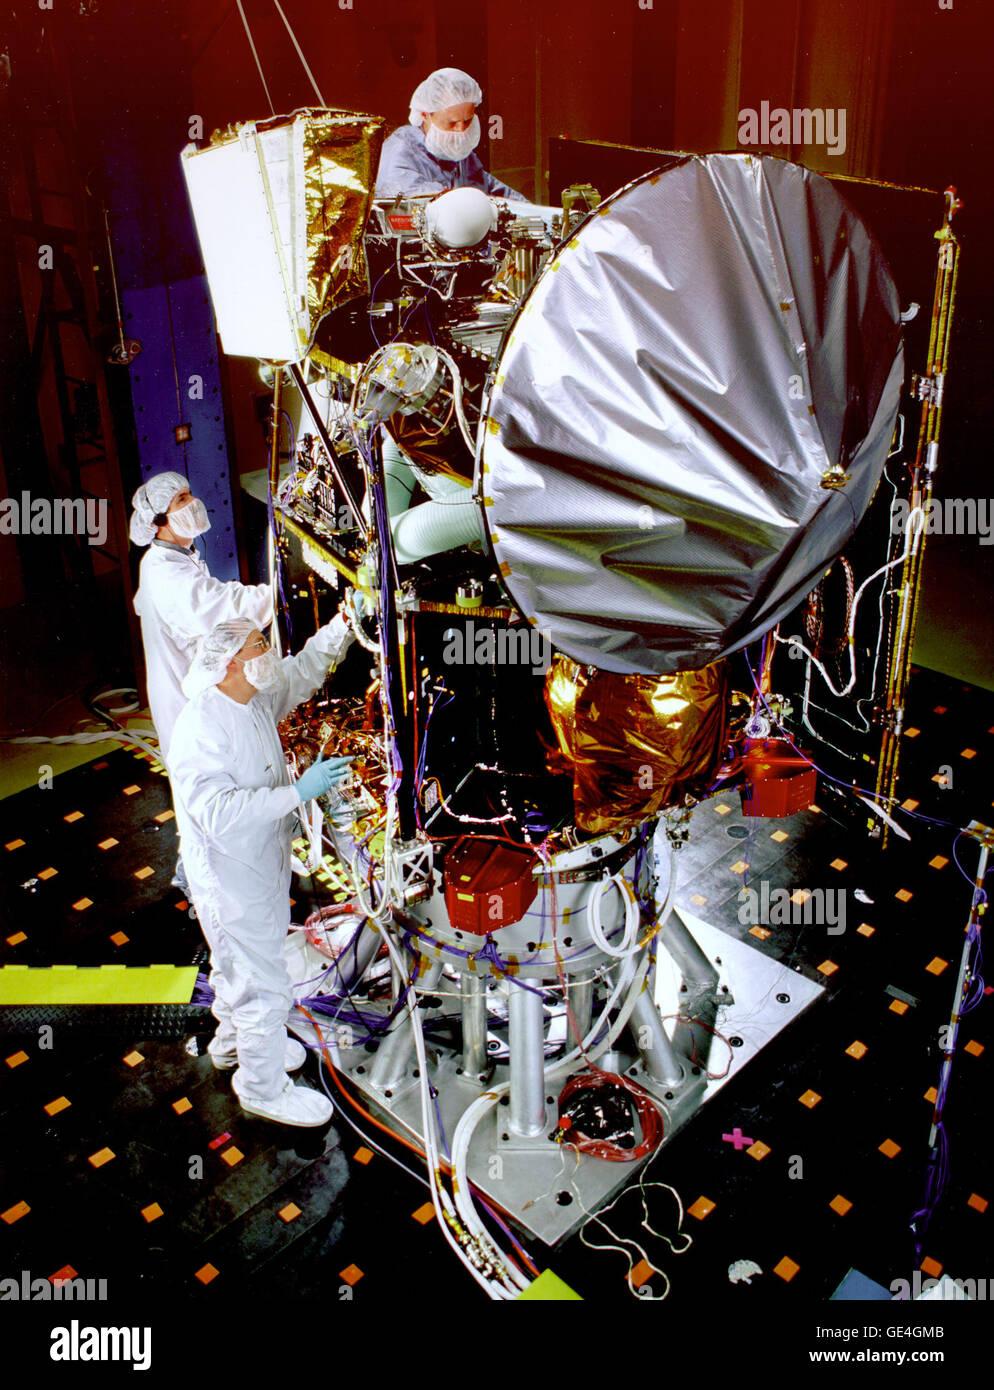 (27 de mayo de 1998) La Mars Surveyor '98 Orbitador Climático se muestra aquí durante las pruebas Imagen De Stock